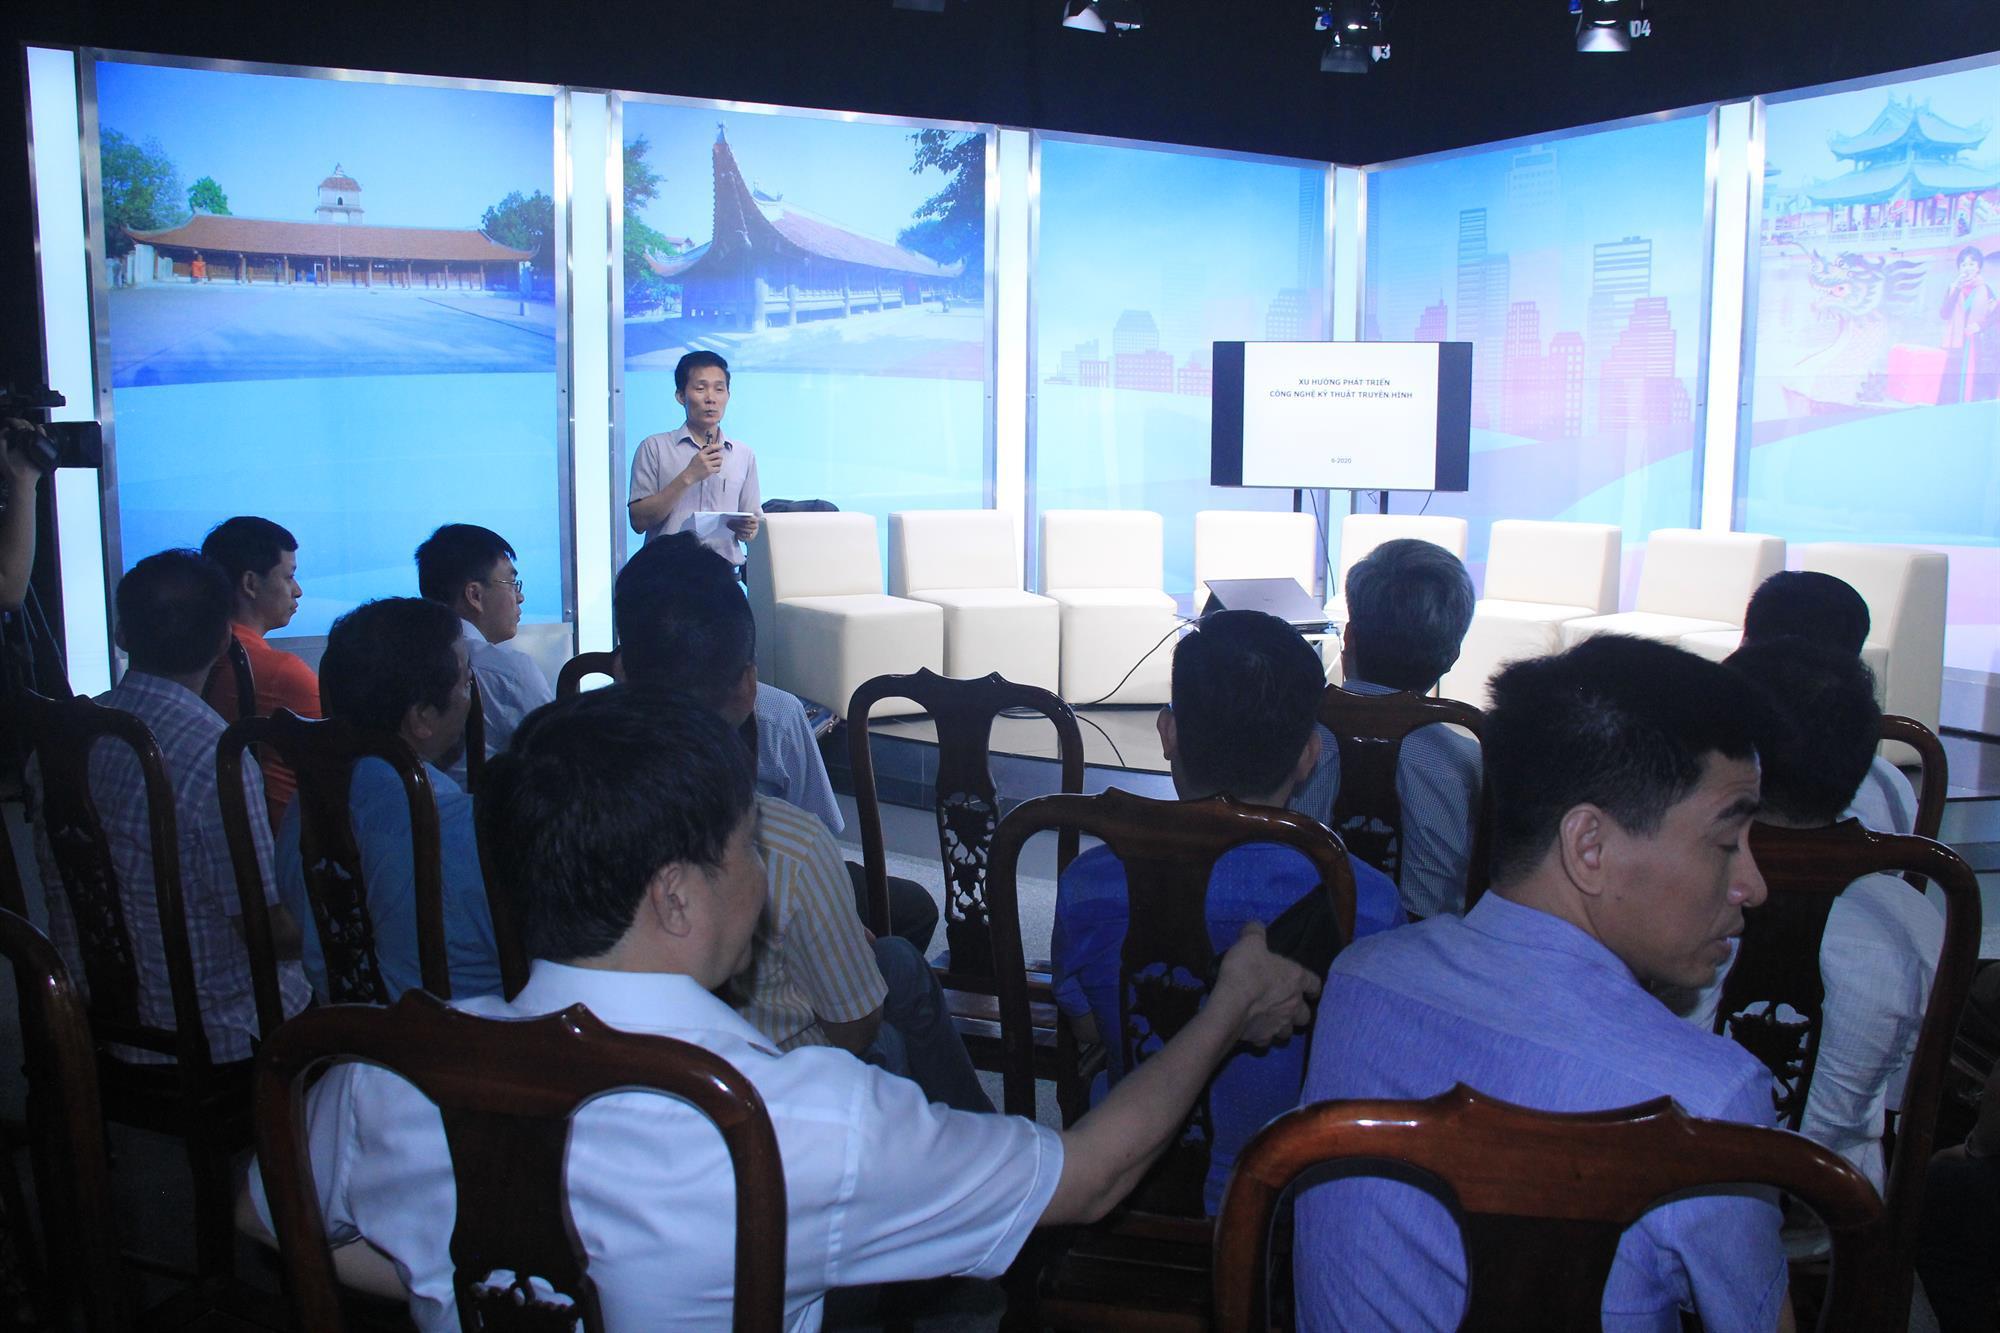 BTV tổ chức Hội thảo Xu hướng phát triển công nghệ kỹ thuật truyền hình